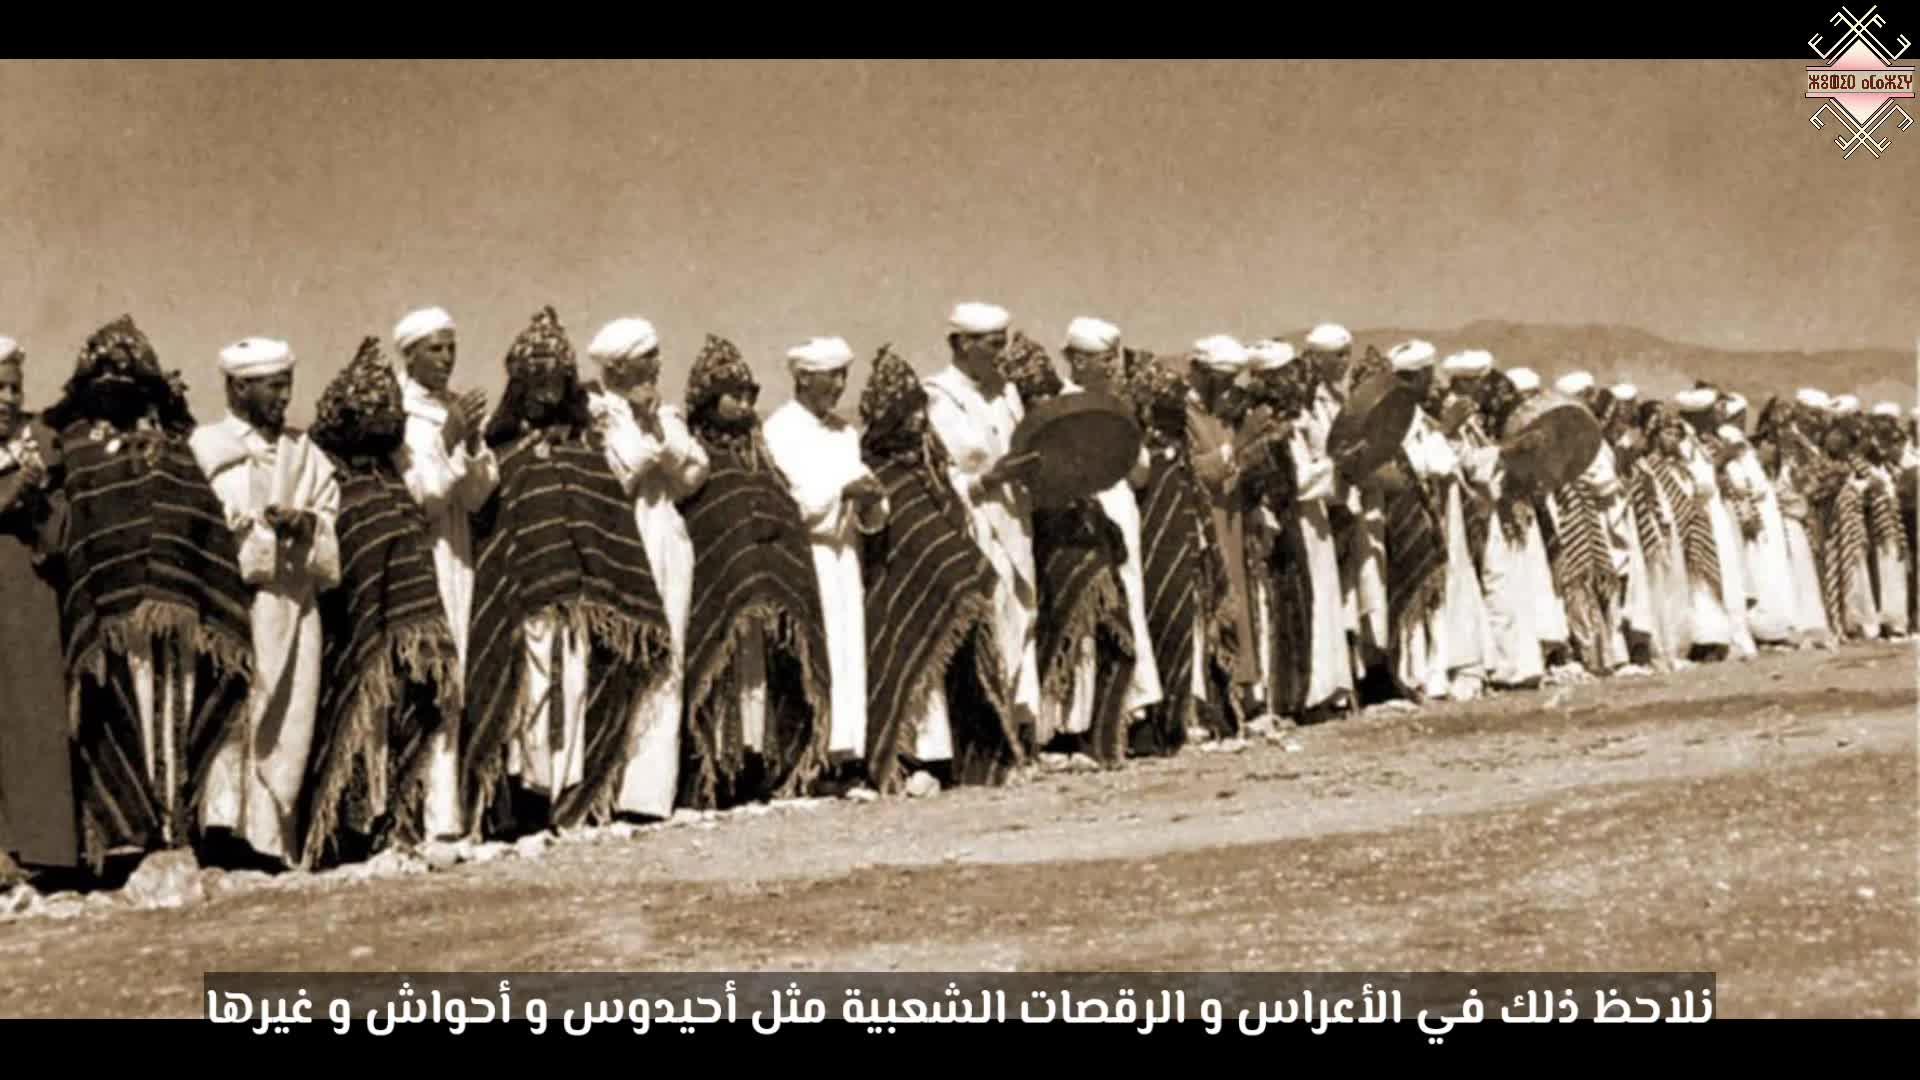 تويزا... التعاون بين الأمازيغ ⵜⵡⵉⵣⴰ... ⴰⵎⵢⴰⵡⴰⵙ ⵊⴰⵔ ⵉⵎⴰⵣⵉⵖⵏ